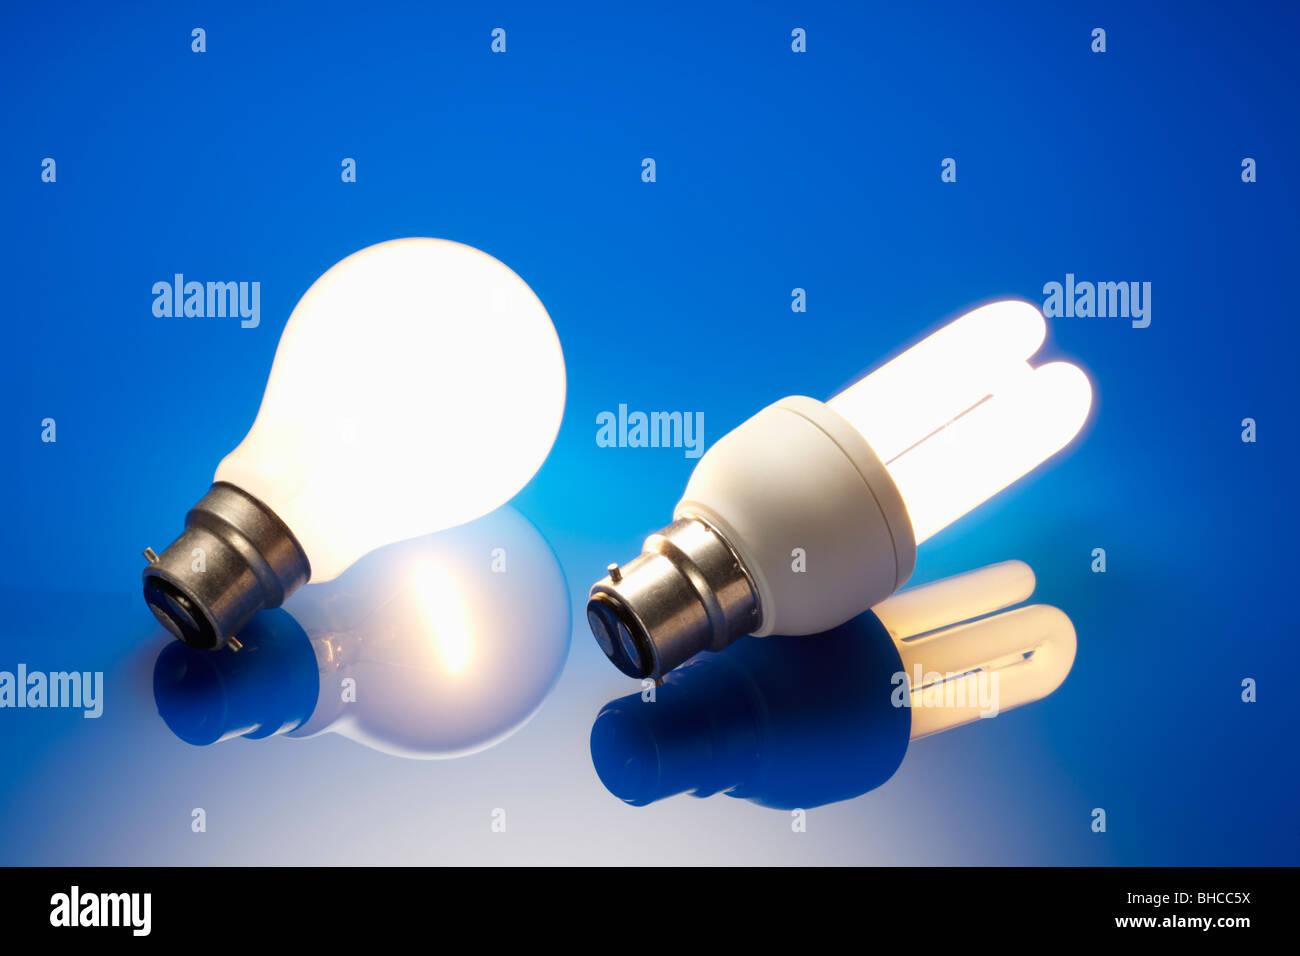 Energiesparende Glühbirne und Standard Glühbirne beleuchtet Stockbild